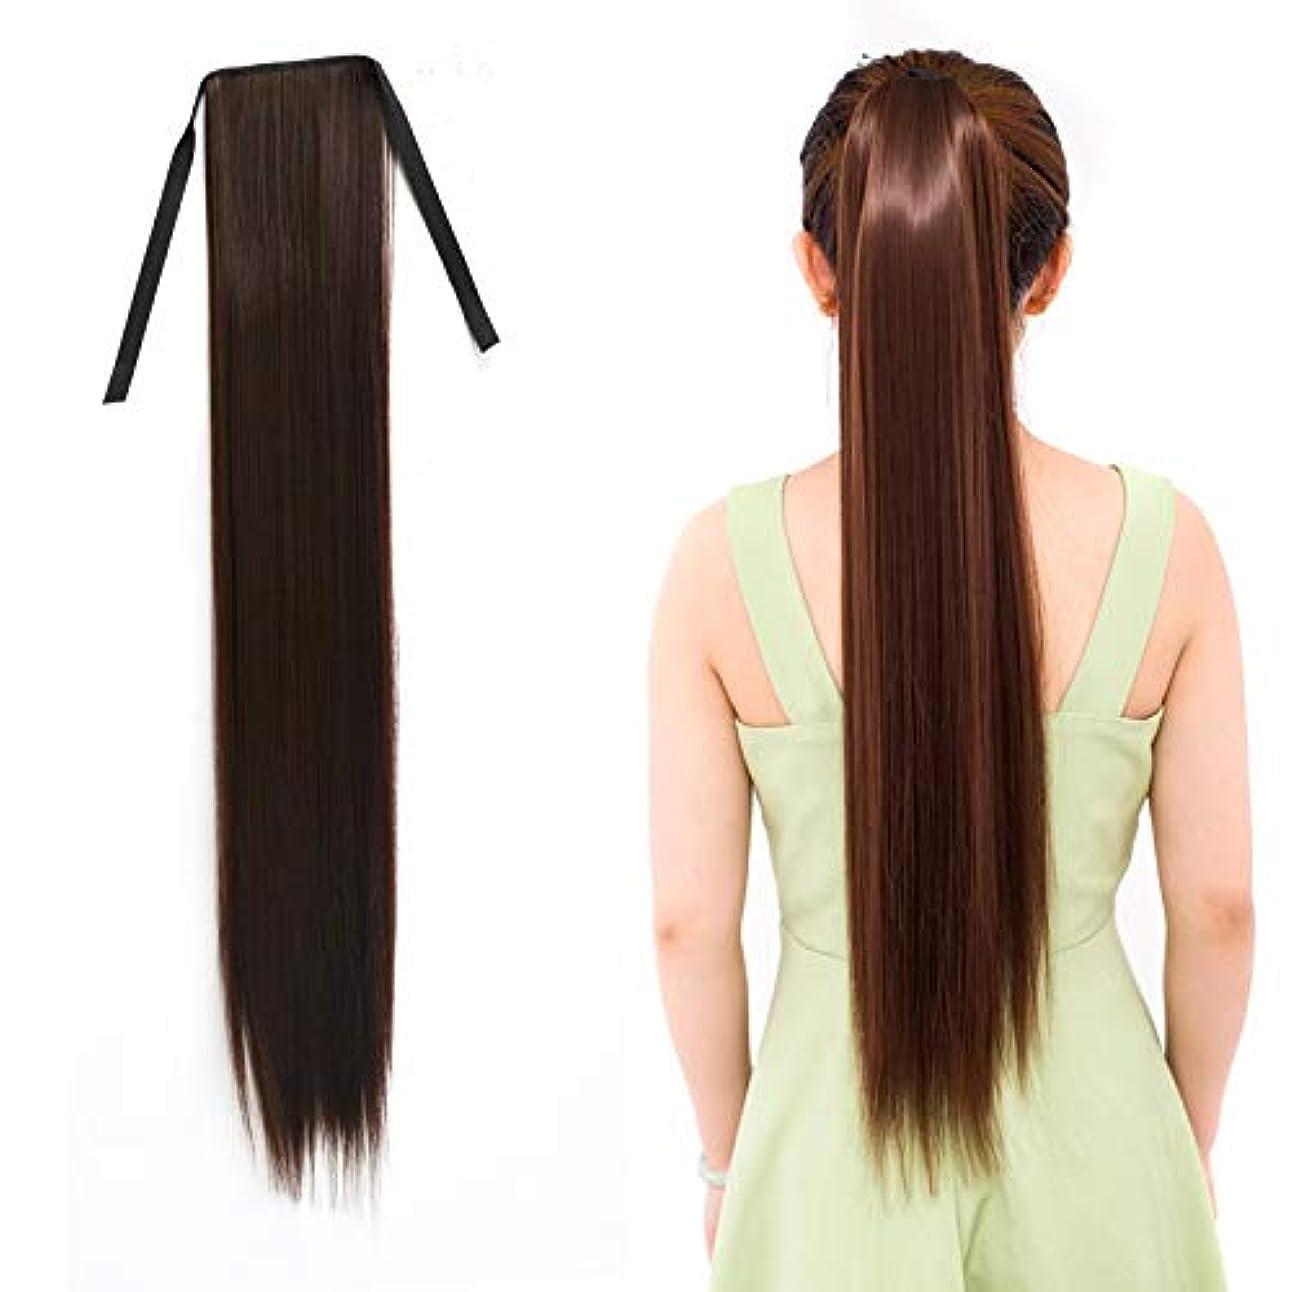 織機なんでもタオルWTYD 美容ヘアツール 女性のためのナチュラルロングストレートヘアポニーテール包帯かつらポニーテール、長さ:75センチ (色 : Black Brown)